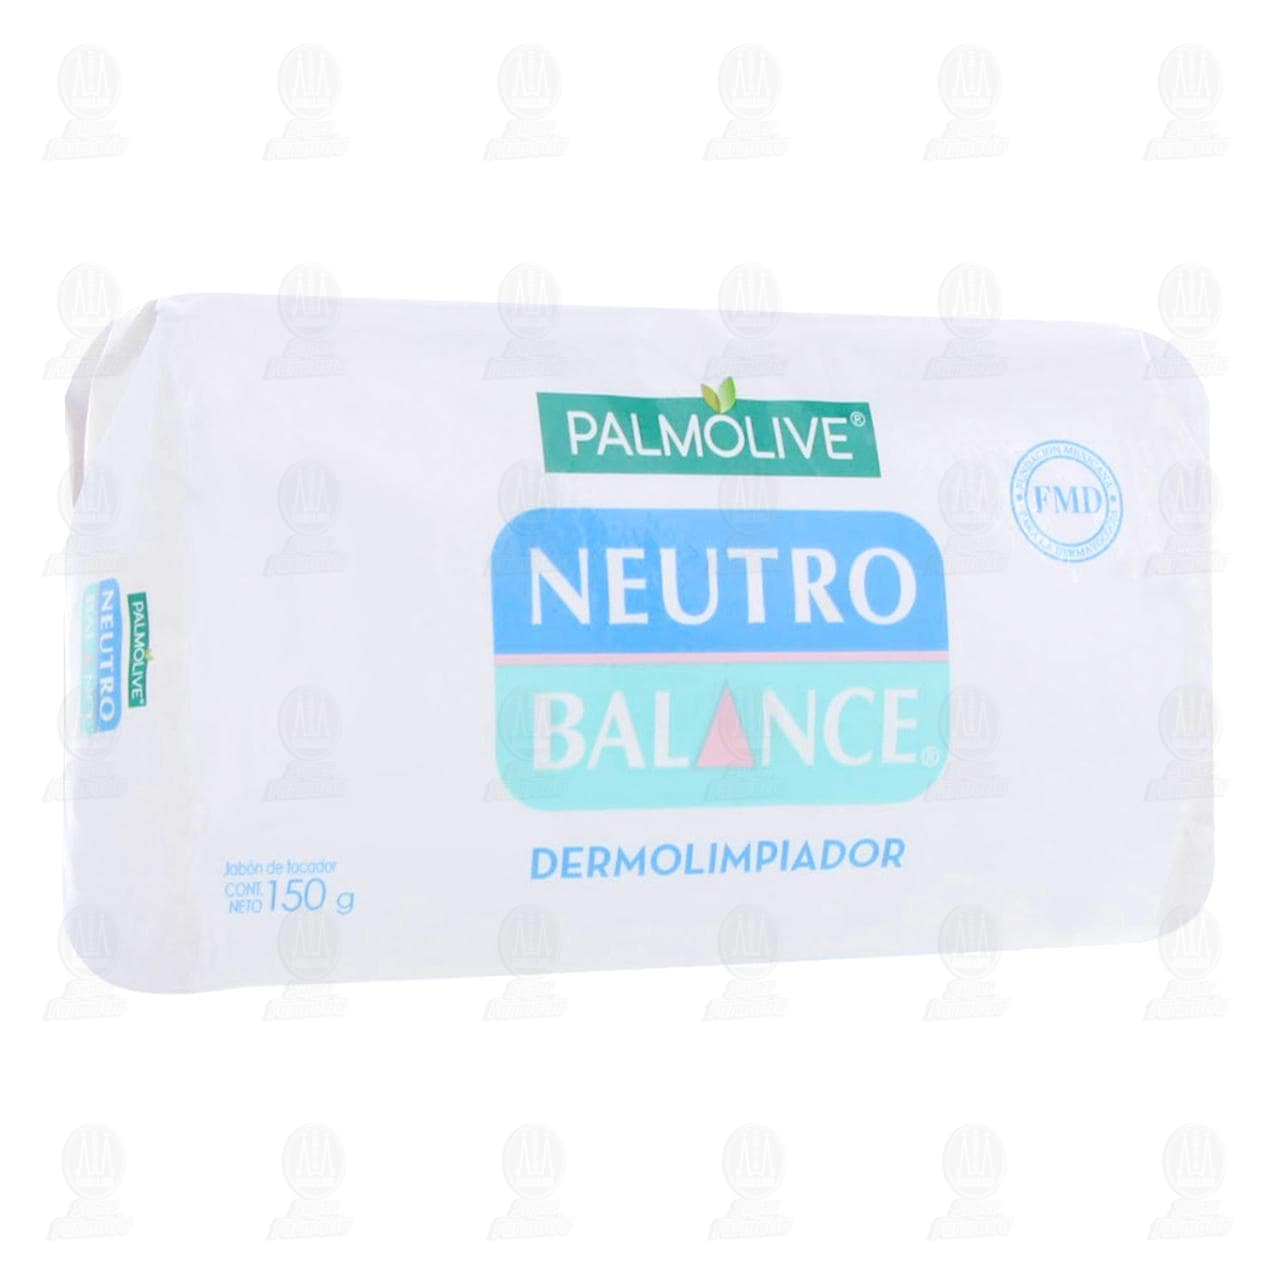 Comprar Jabón en Barra Palmolive Neutro Balance Dermolimpiador en Barra, 150 gr. en Farmacias Guadalajara